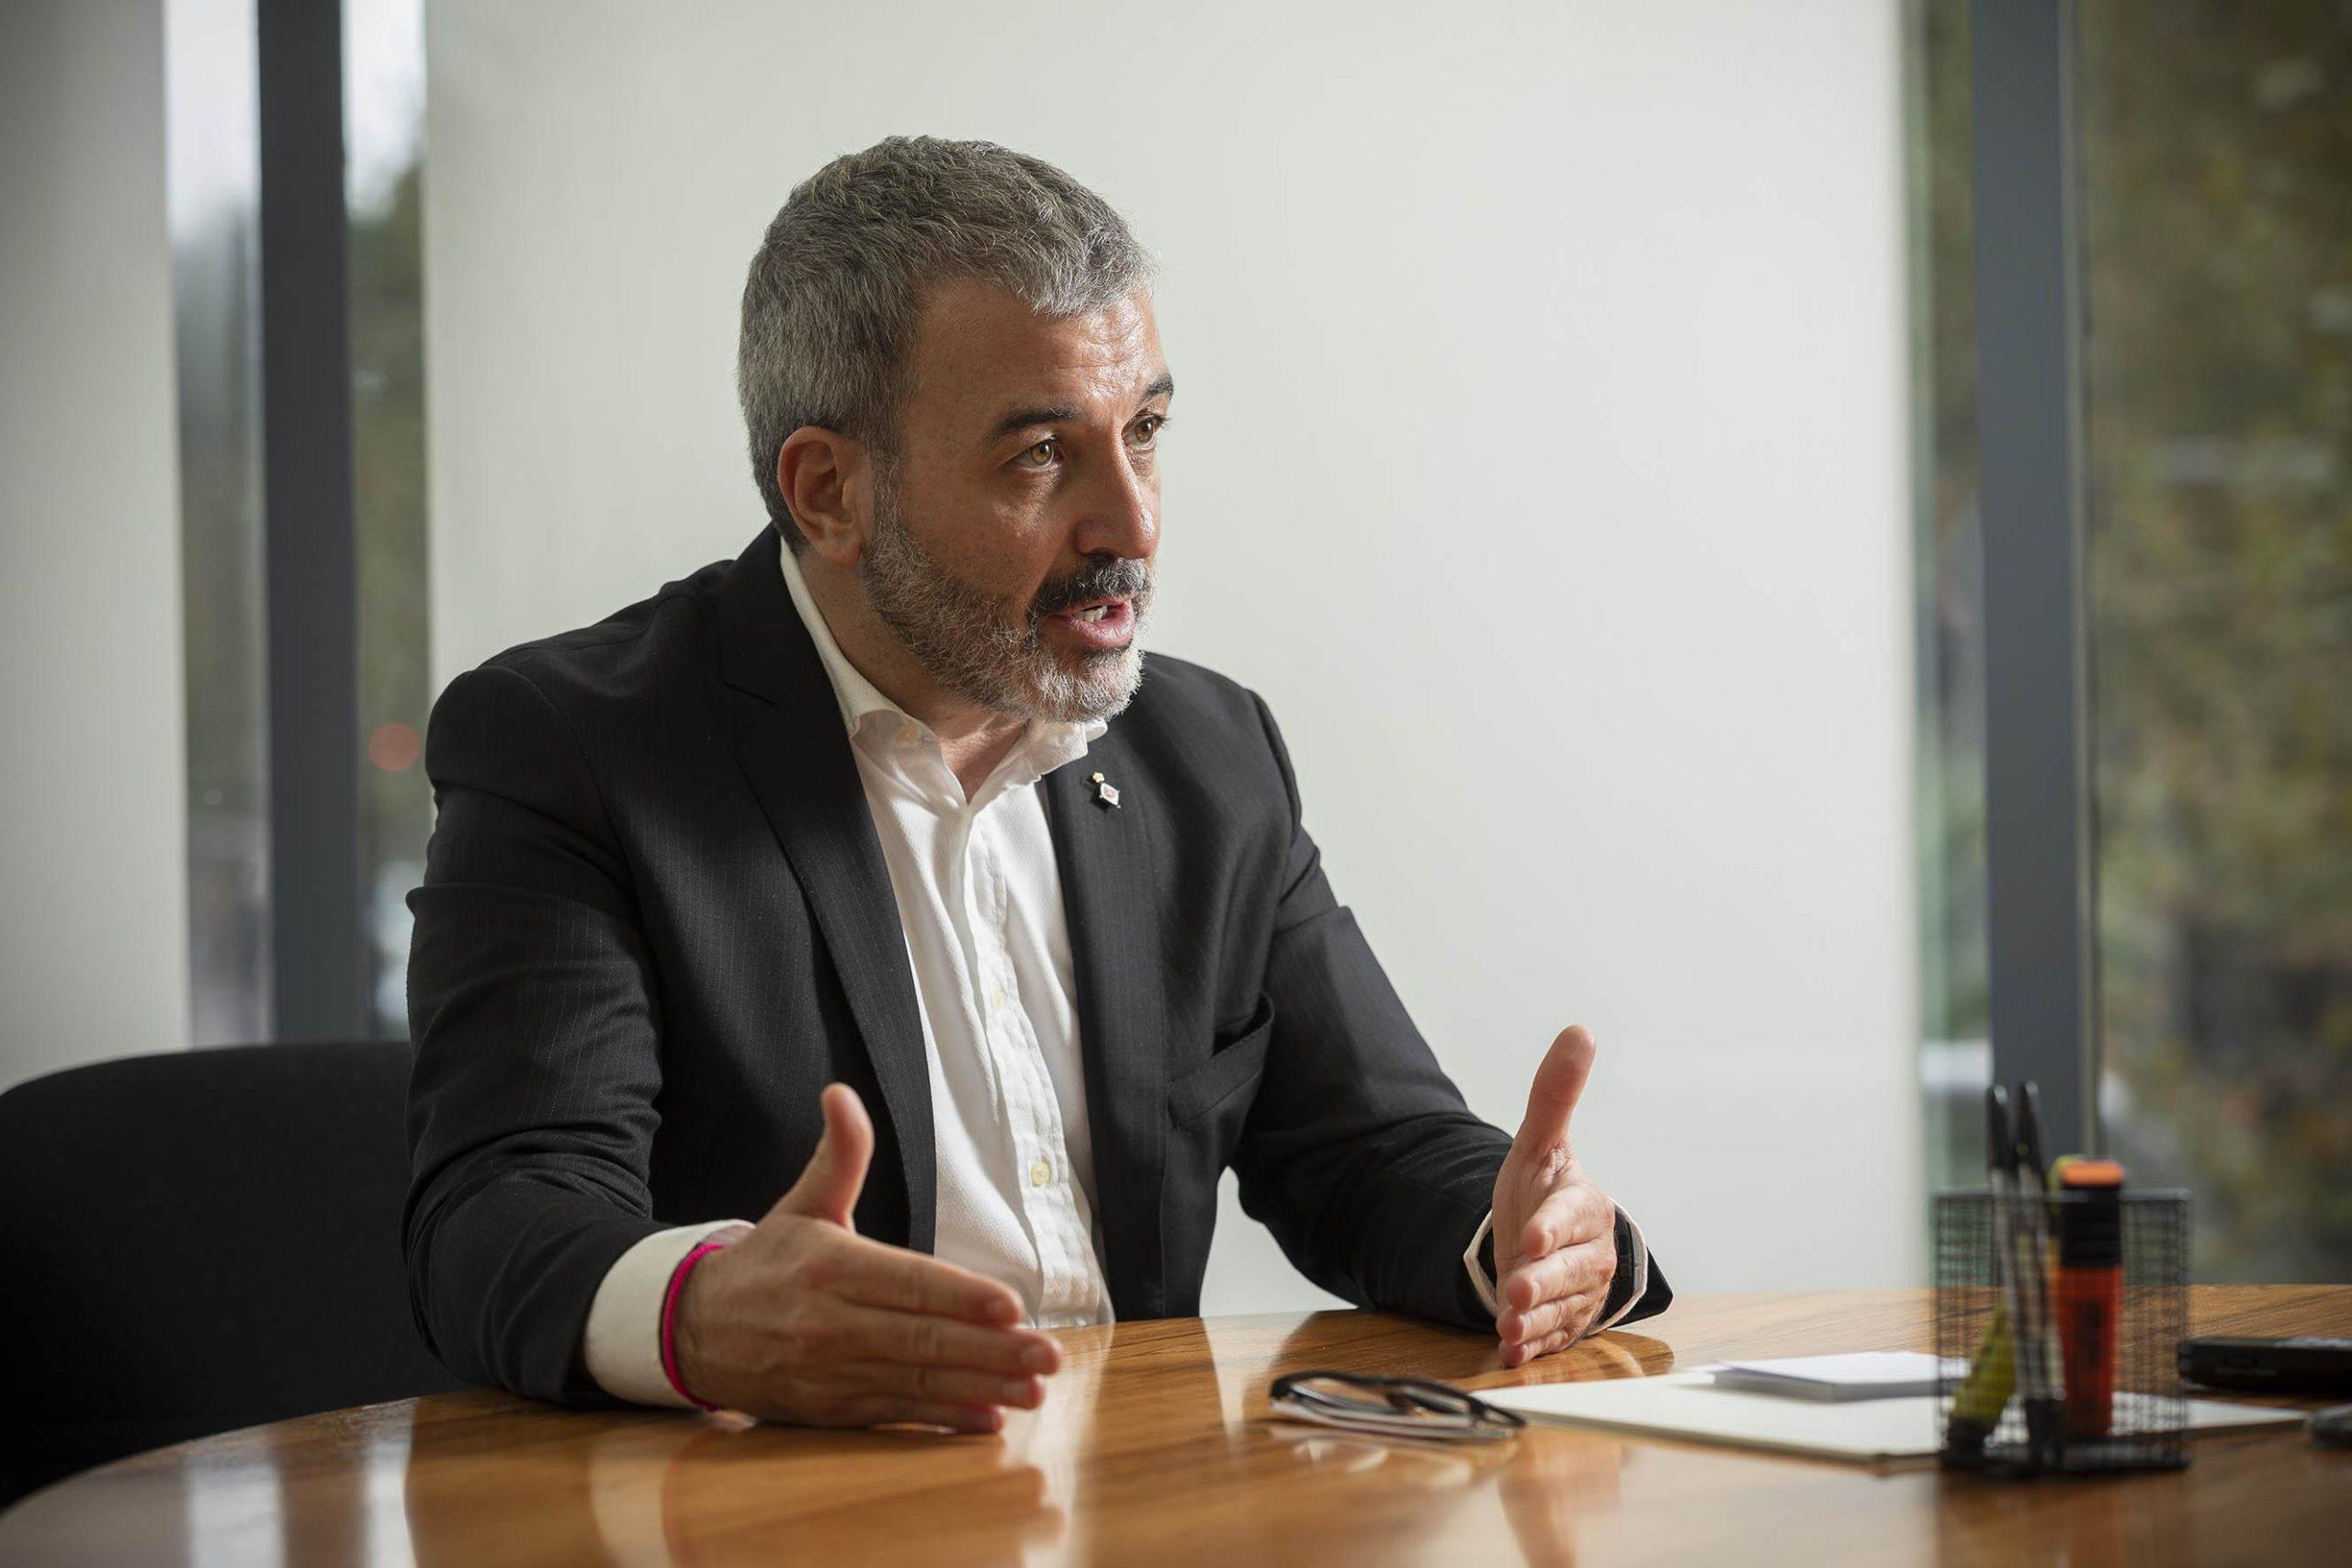 El tinent d'alcalde Jaume Collboni durant l'entrevista amb el TOT Barcelona / Jordi Play